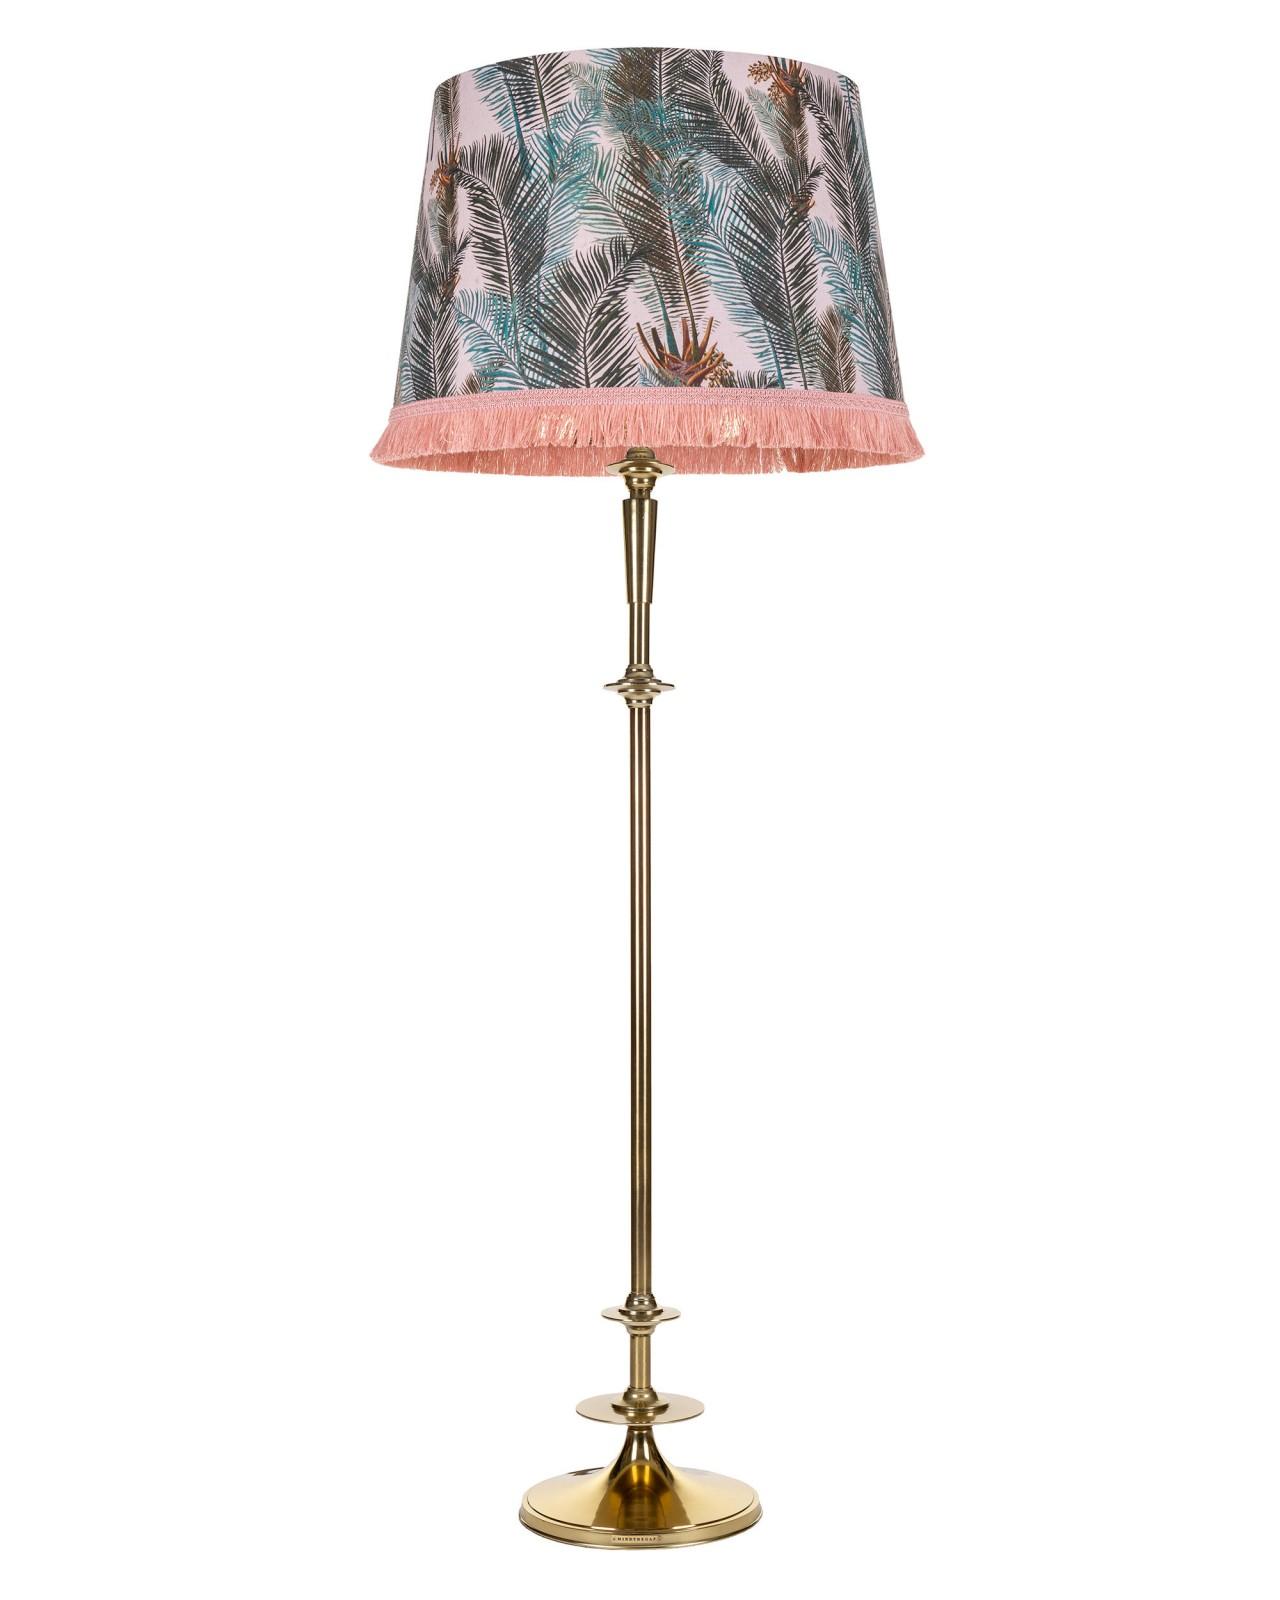 PALM LEAVES REGENCY Floor Lamp